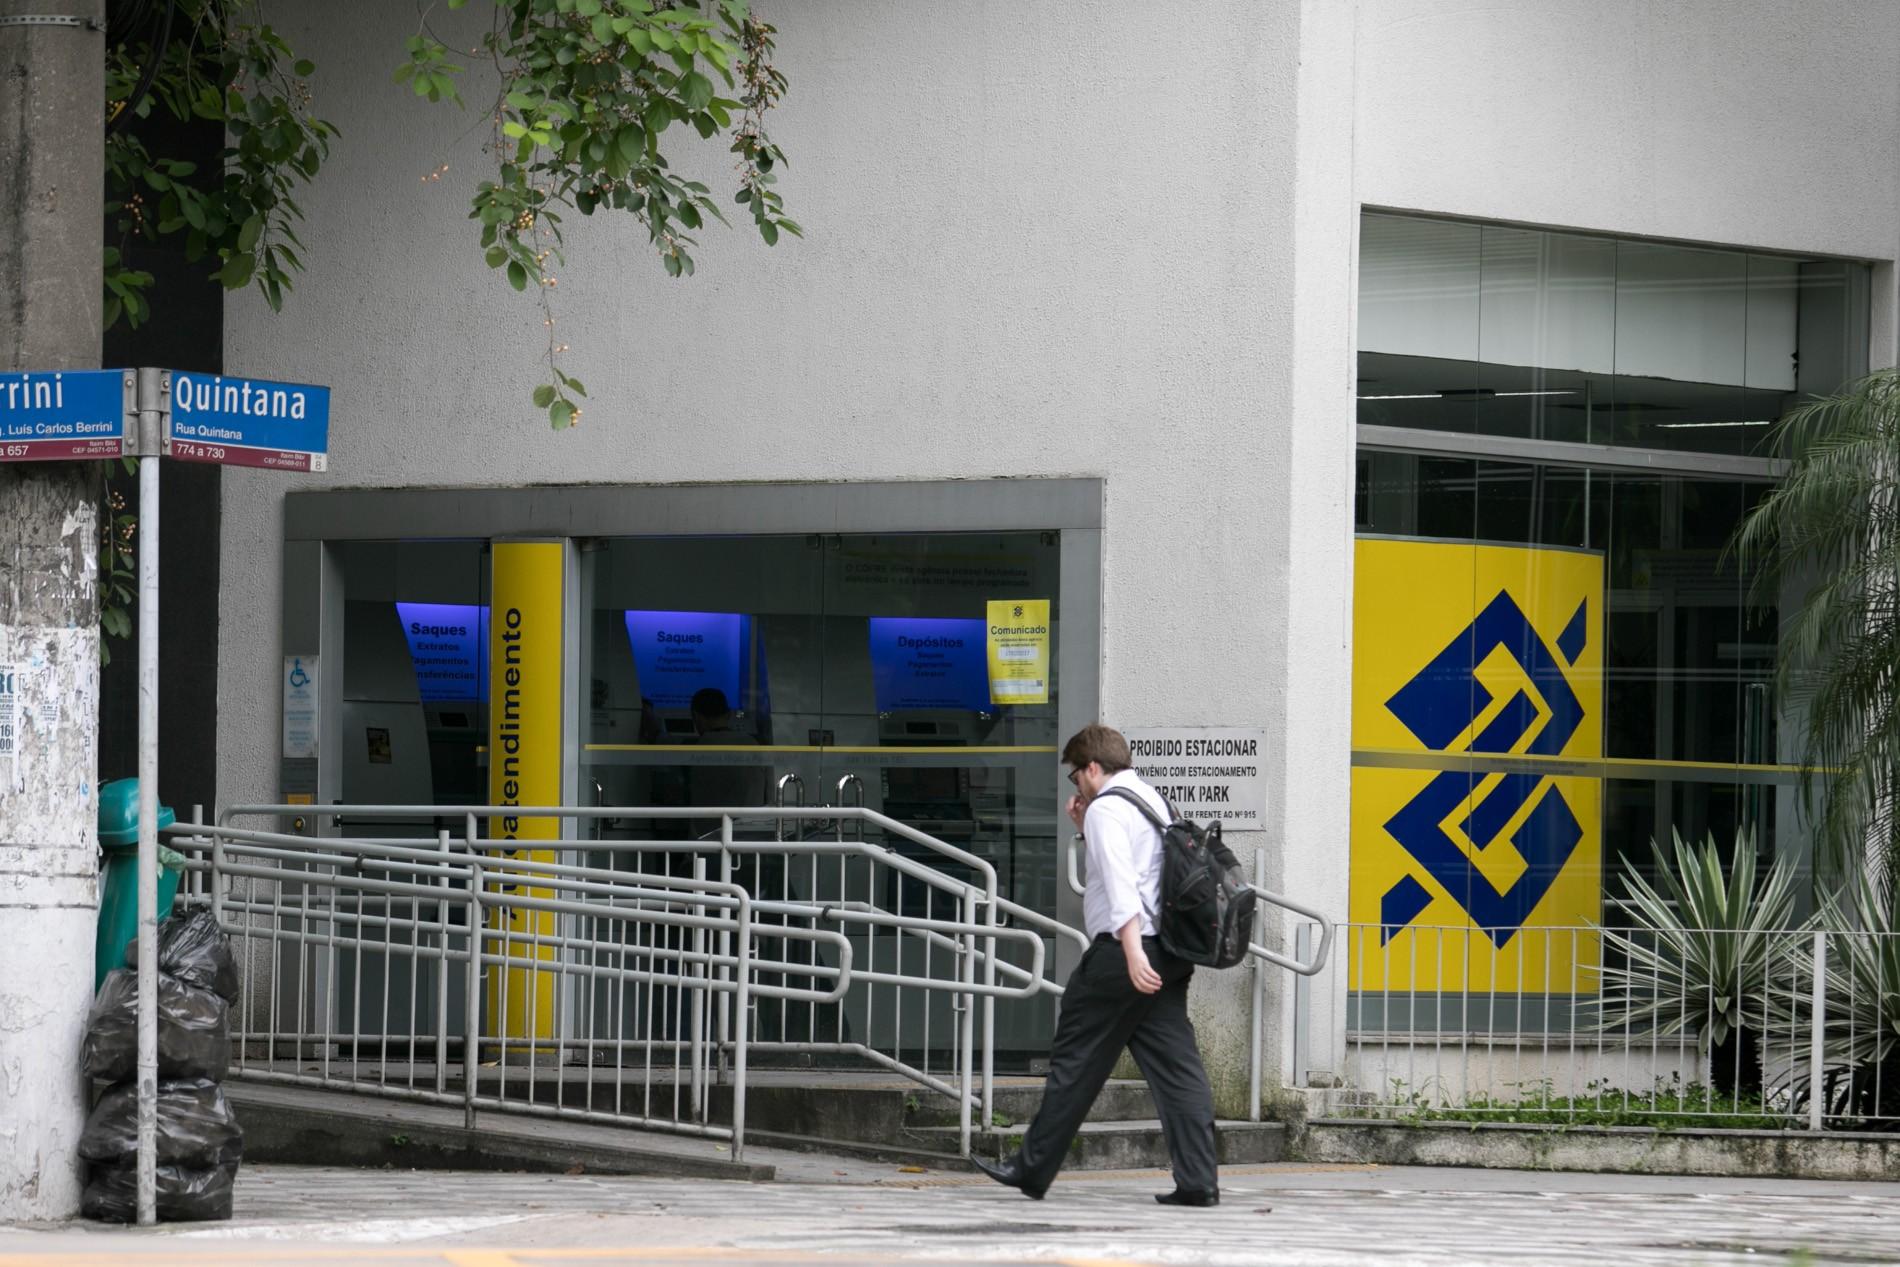 Oferta de ações do Banco do Brasil movimenta R$ 5,8 bilhões - Notícias - Plantão Diário